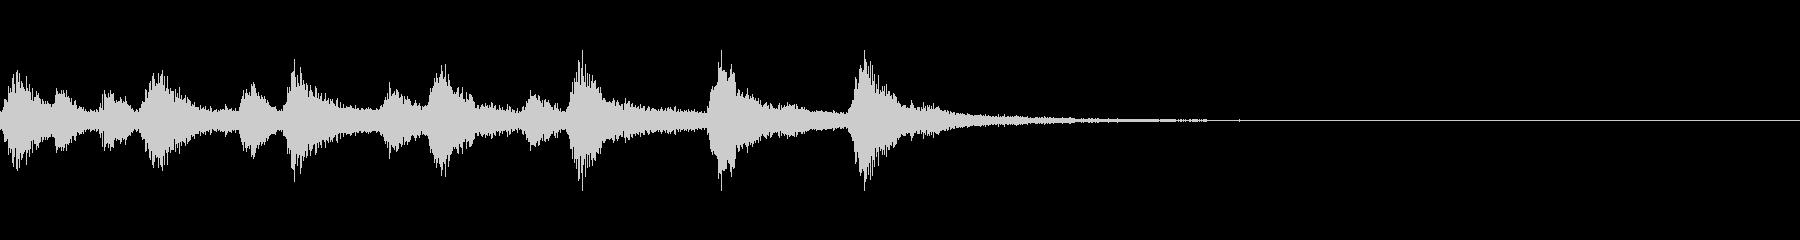 ピッツィカートによるかわいいジングル4の未再生の波形